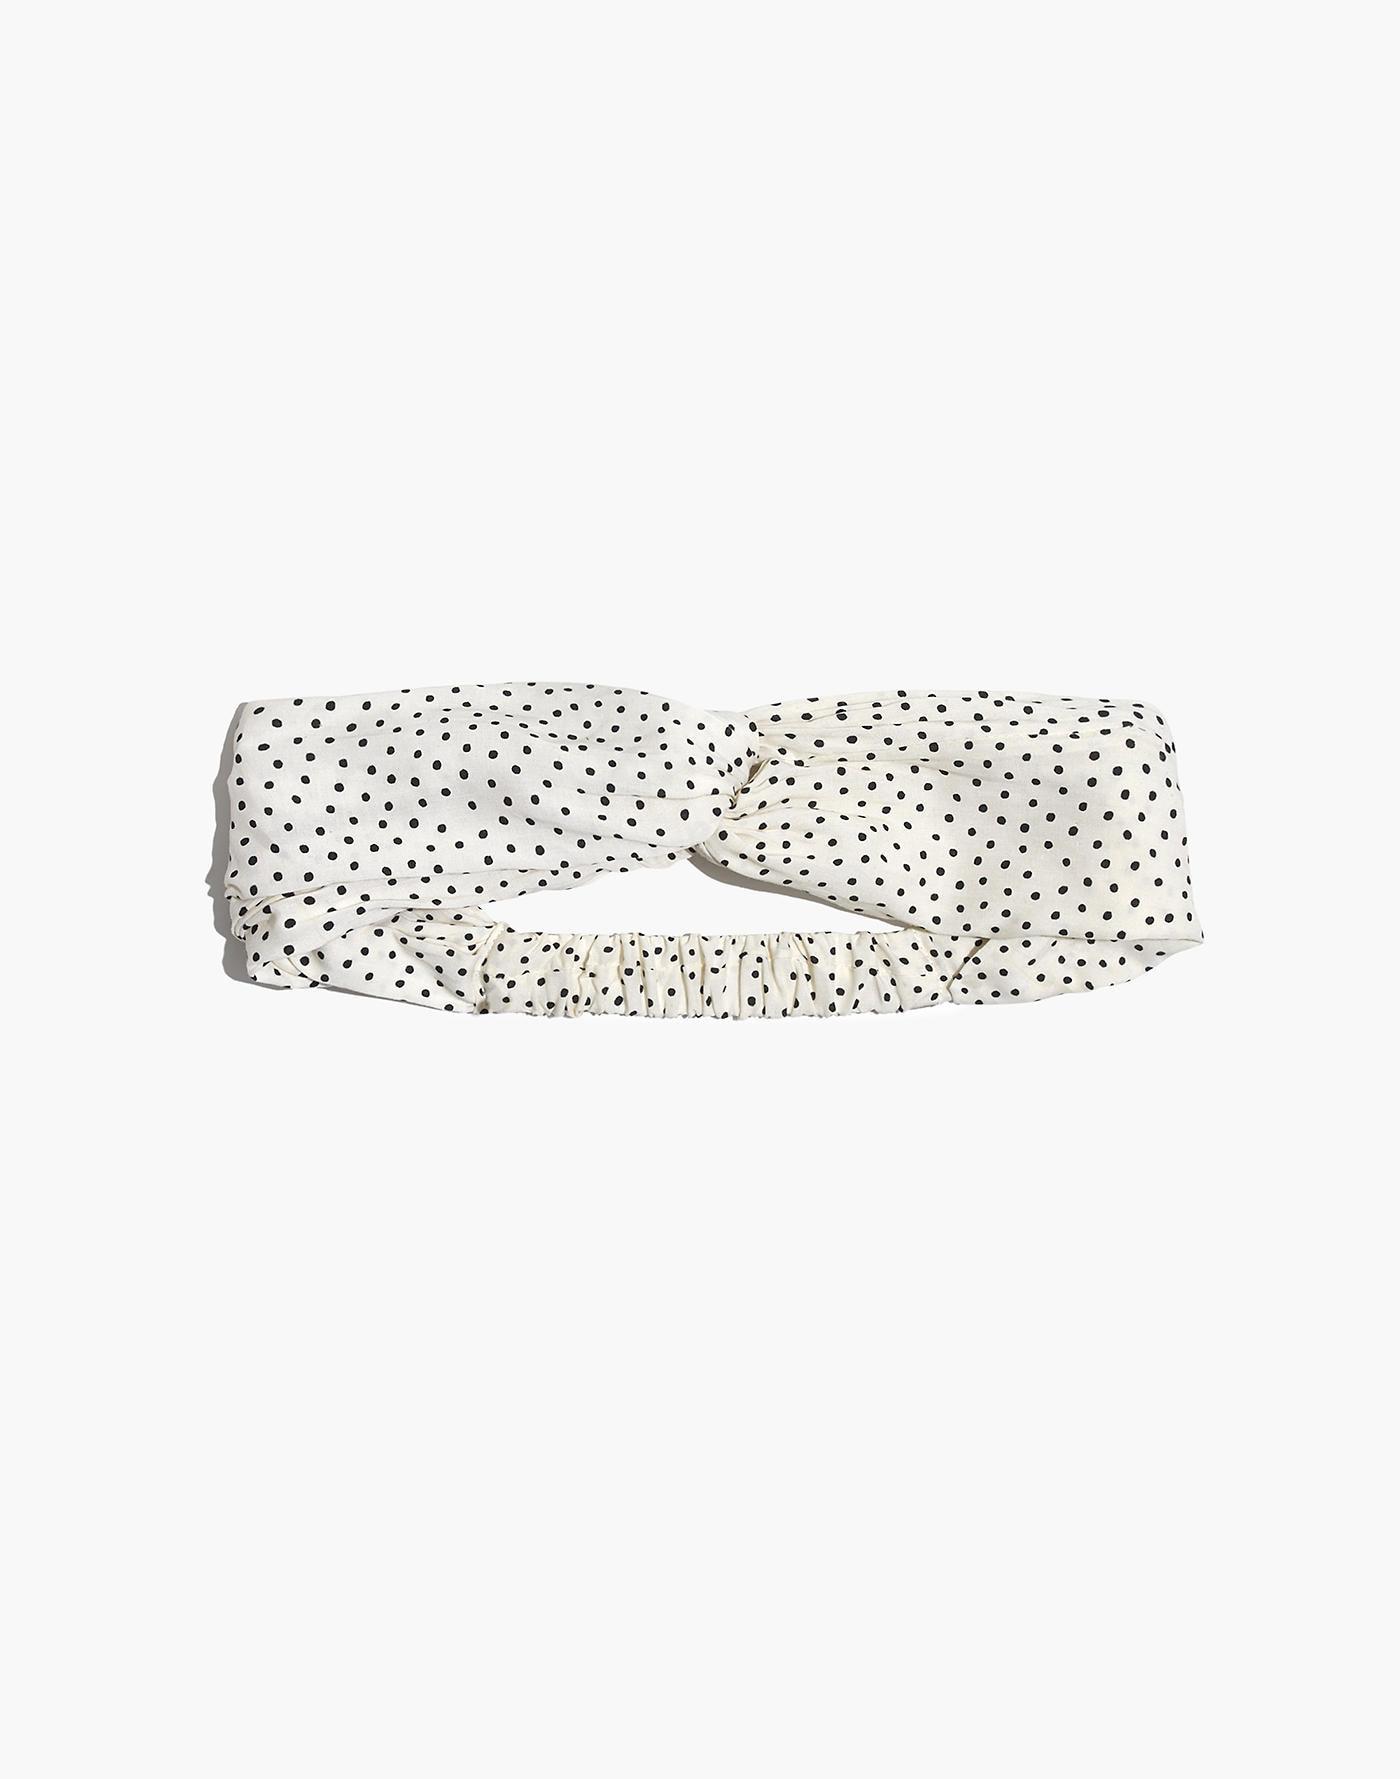 Madewell soft headband in polka dots